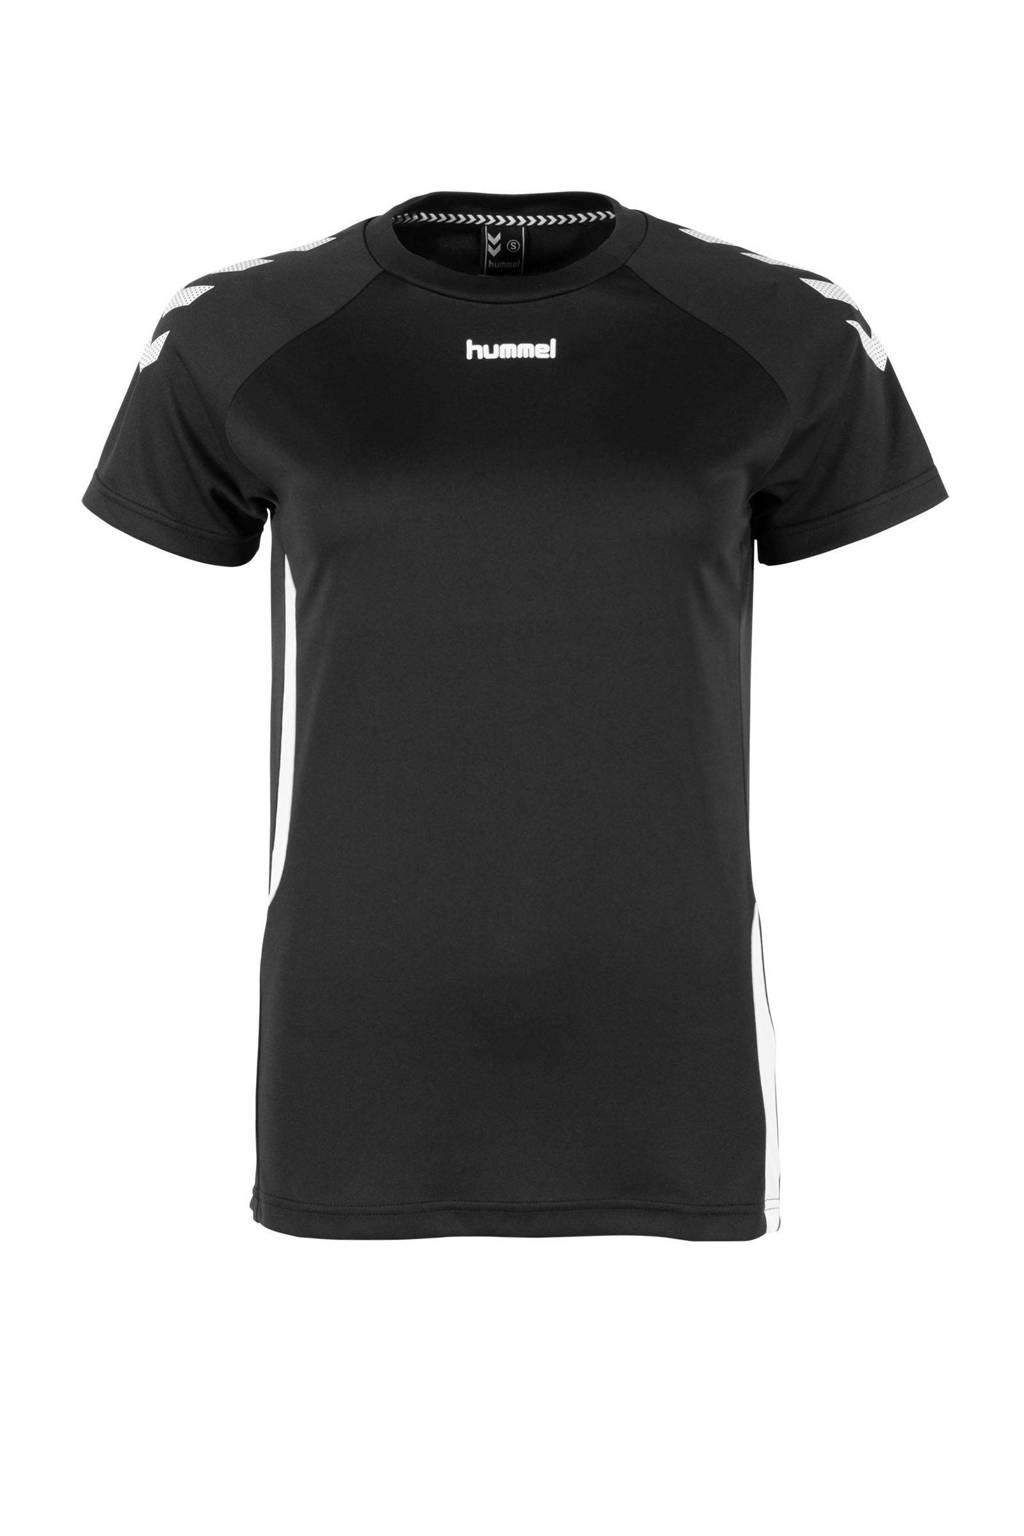 hummel voetbalshirt zwart, Zwart